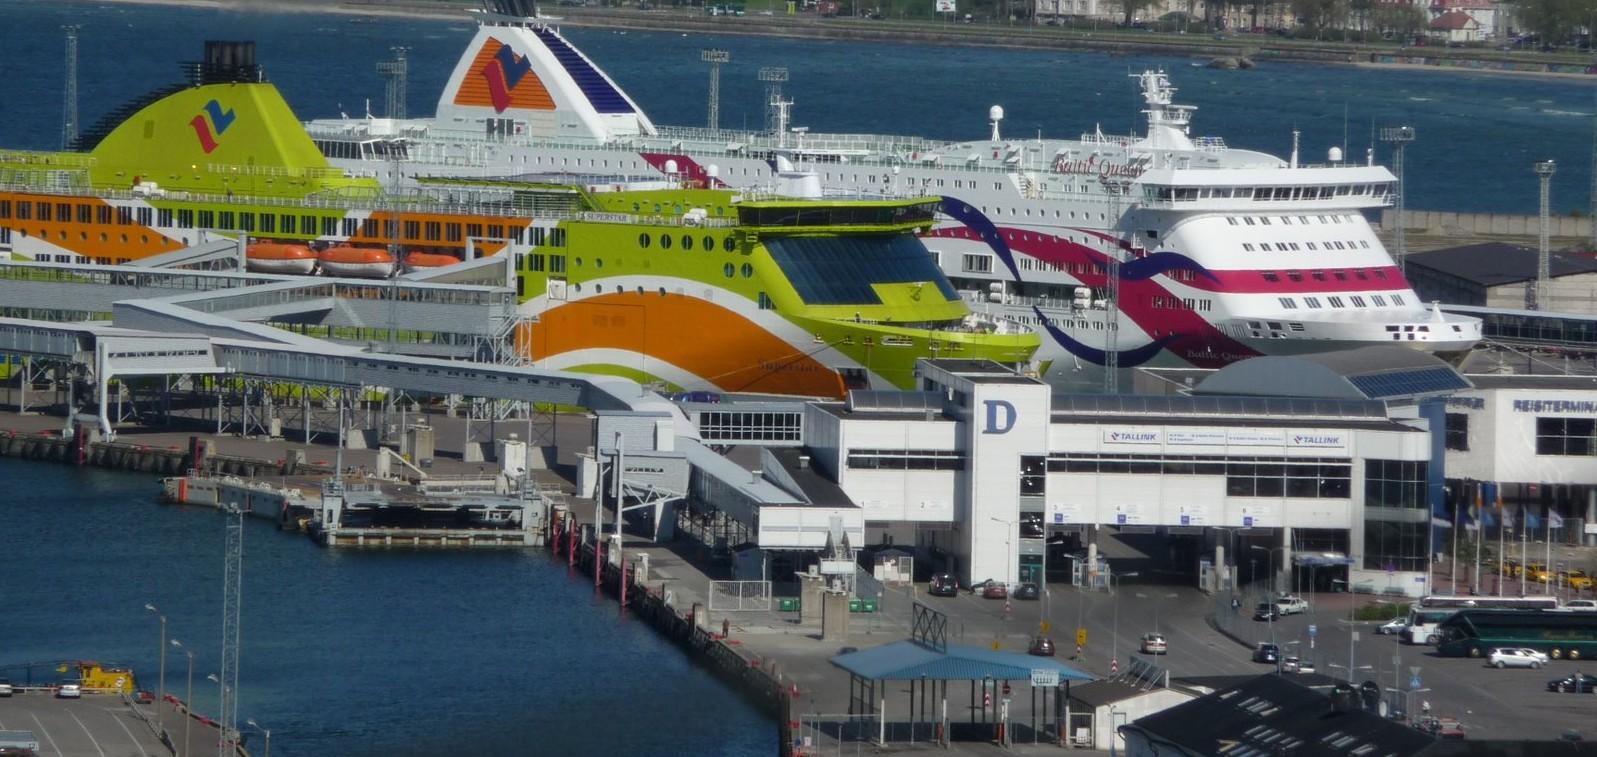 Terminal D, Tallinn. Паромы Tallink Superstar и  Baltic Queen на Терминале D.